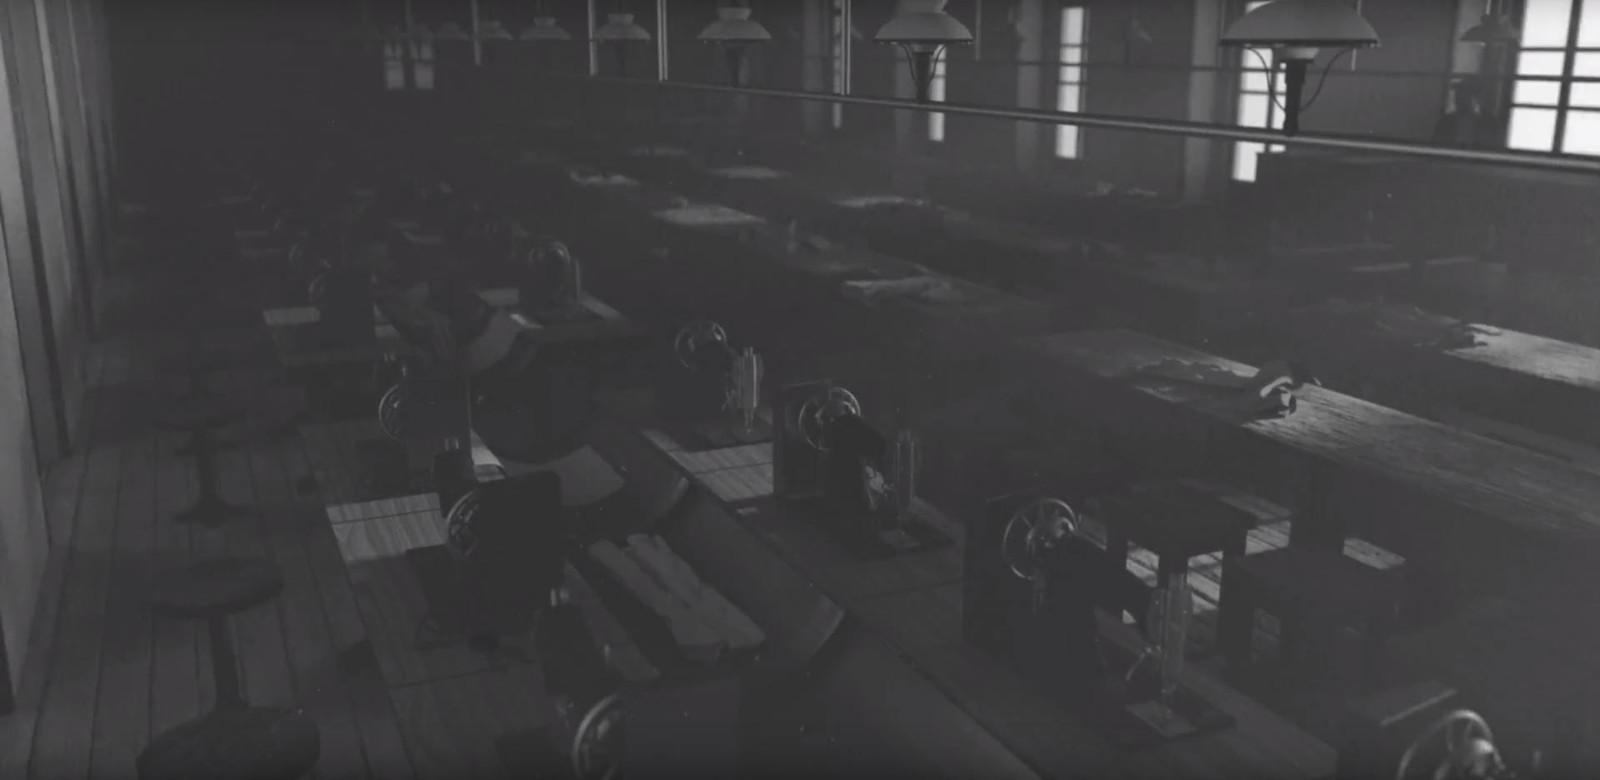 Fábrica de Espartilhos Santos Mattos em 1911 - Visita virtual